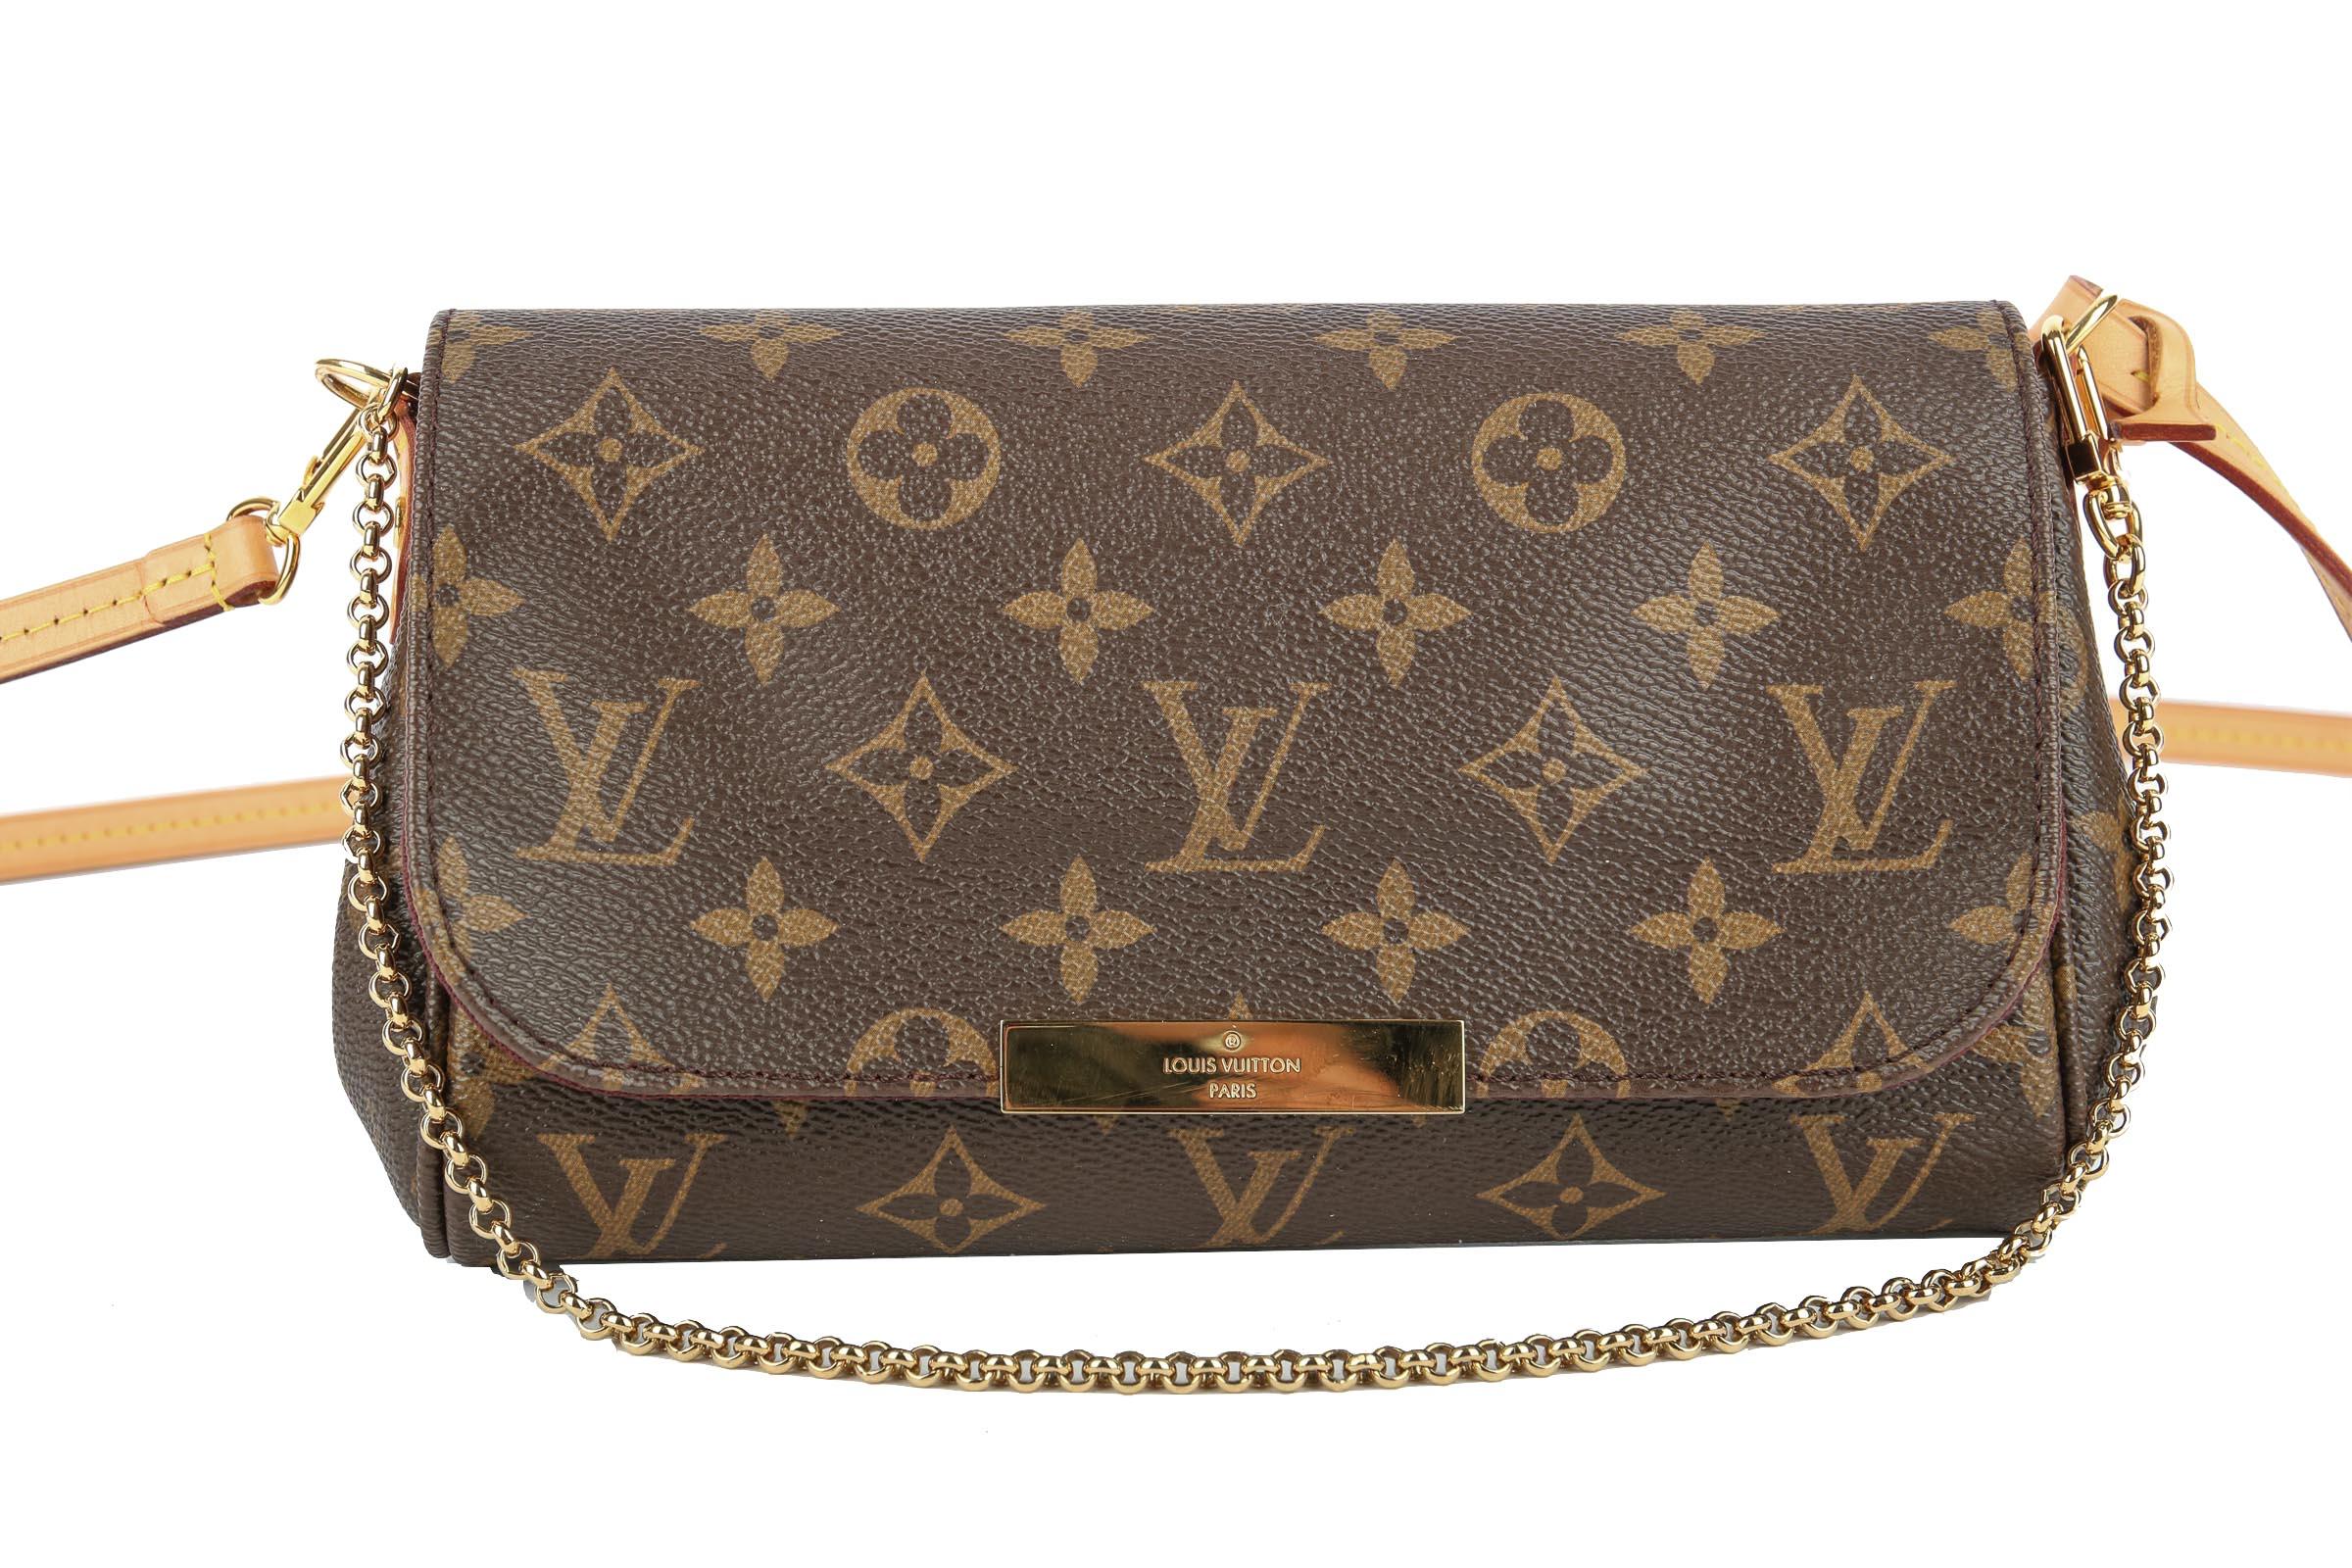 de4b7130cf37c Louis Vuitton Favorite PM Monogram Canvas